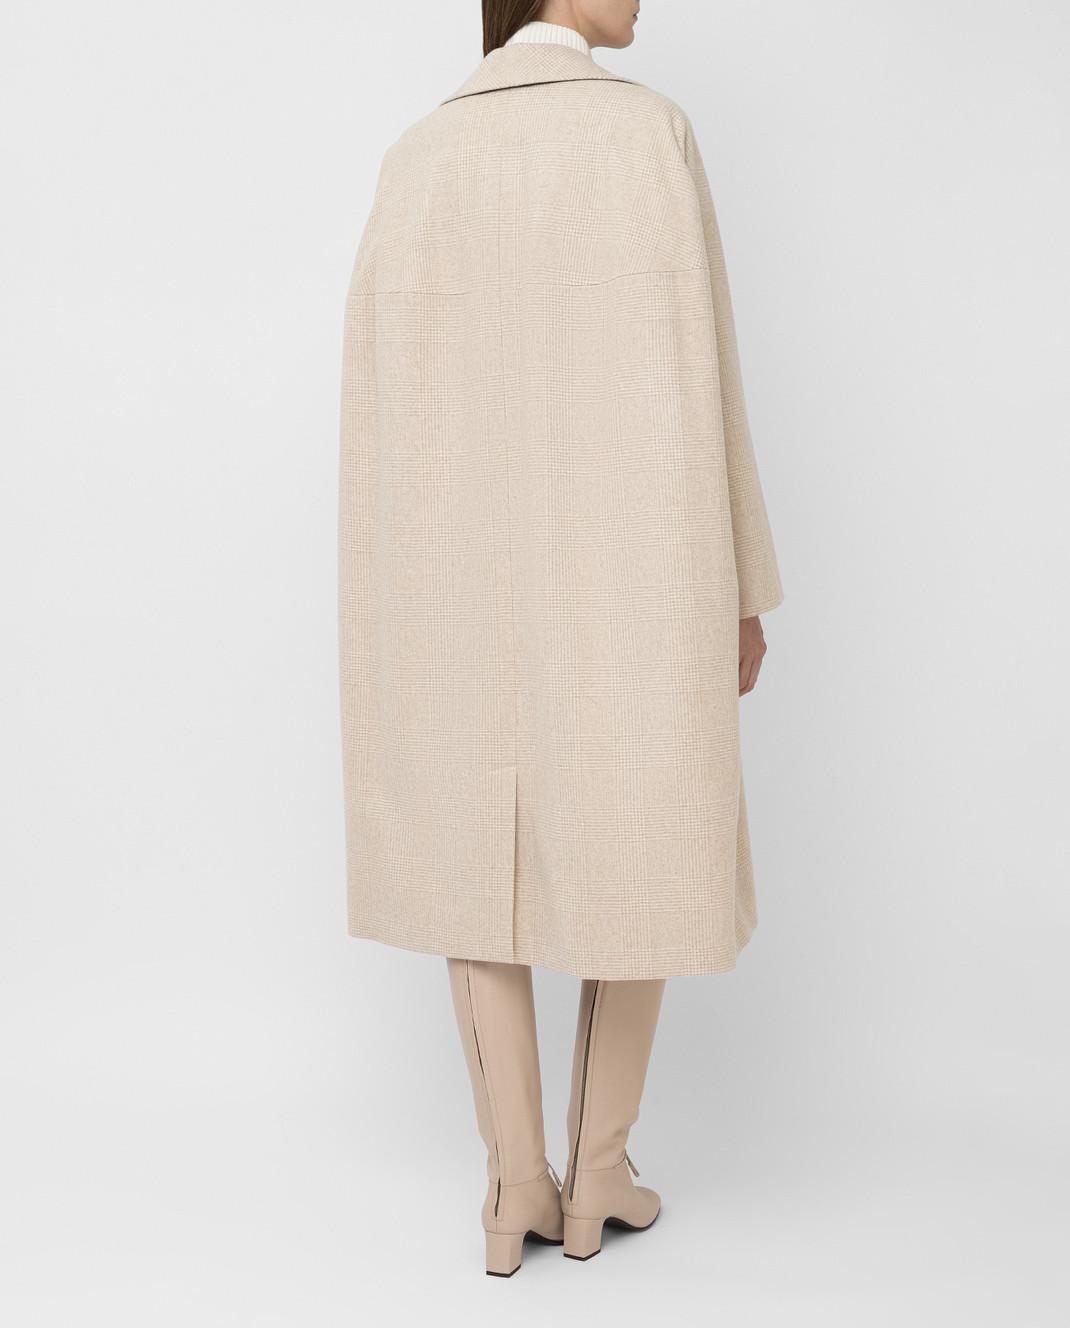 NINA RICCI Светло-бежевое пальто из шерсти изображение 4